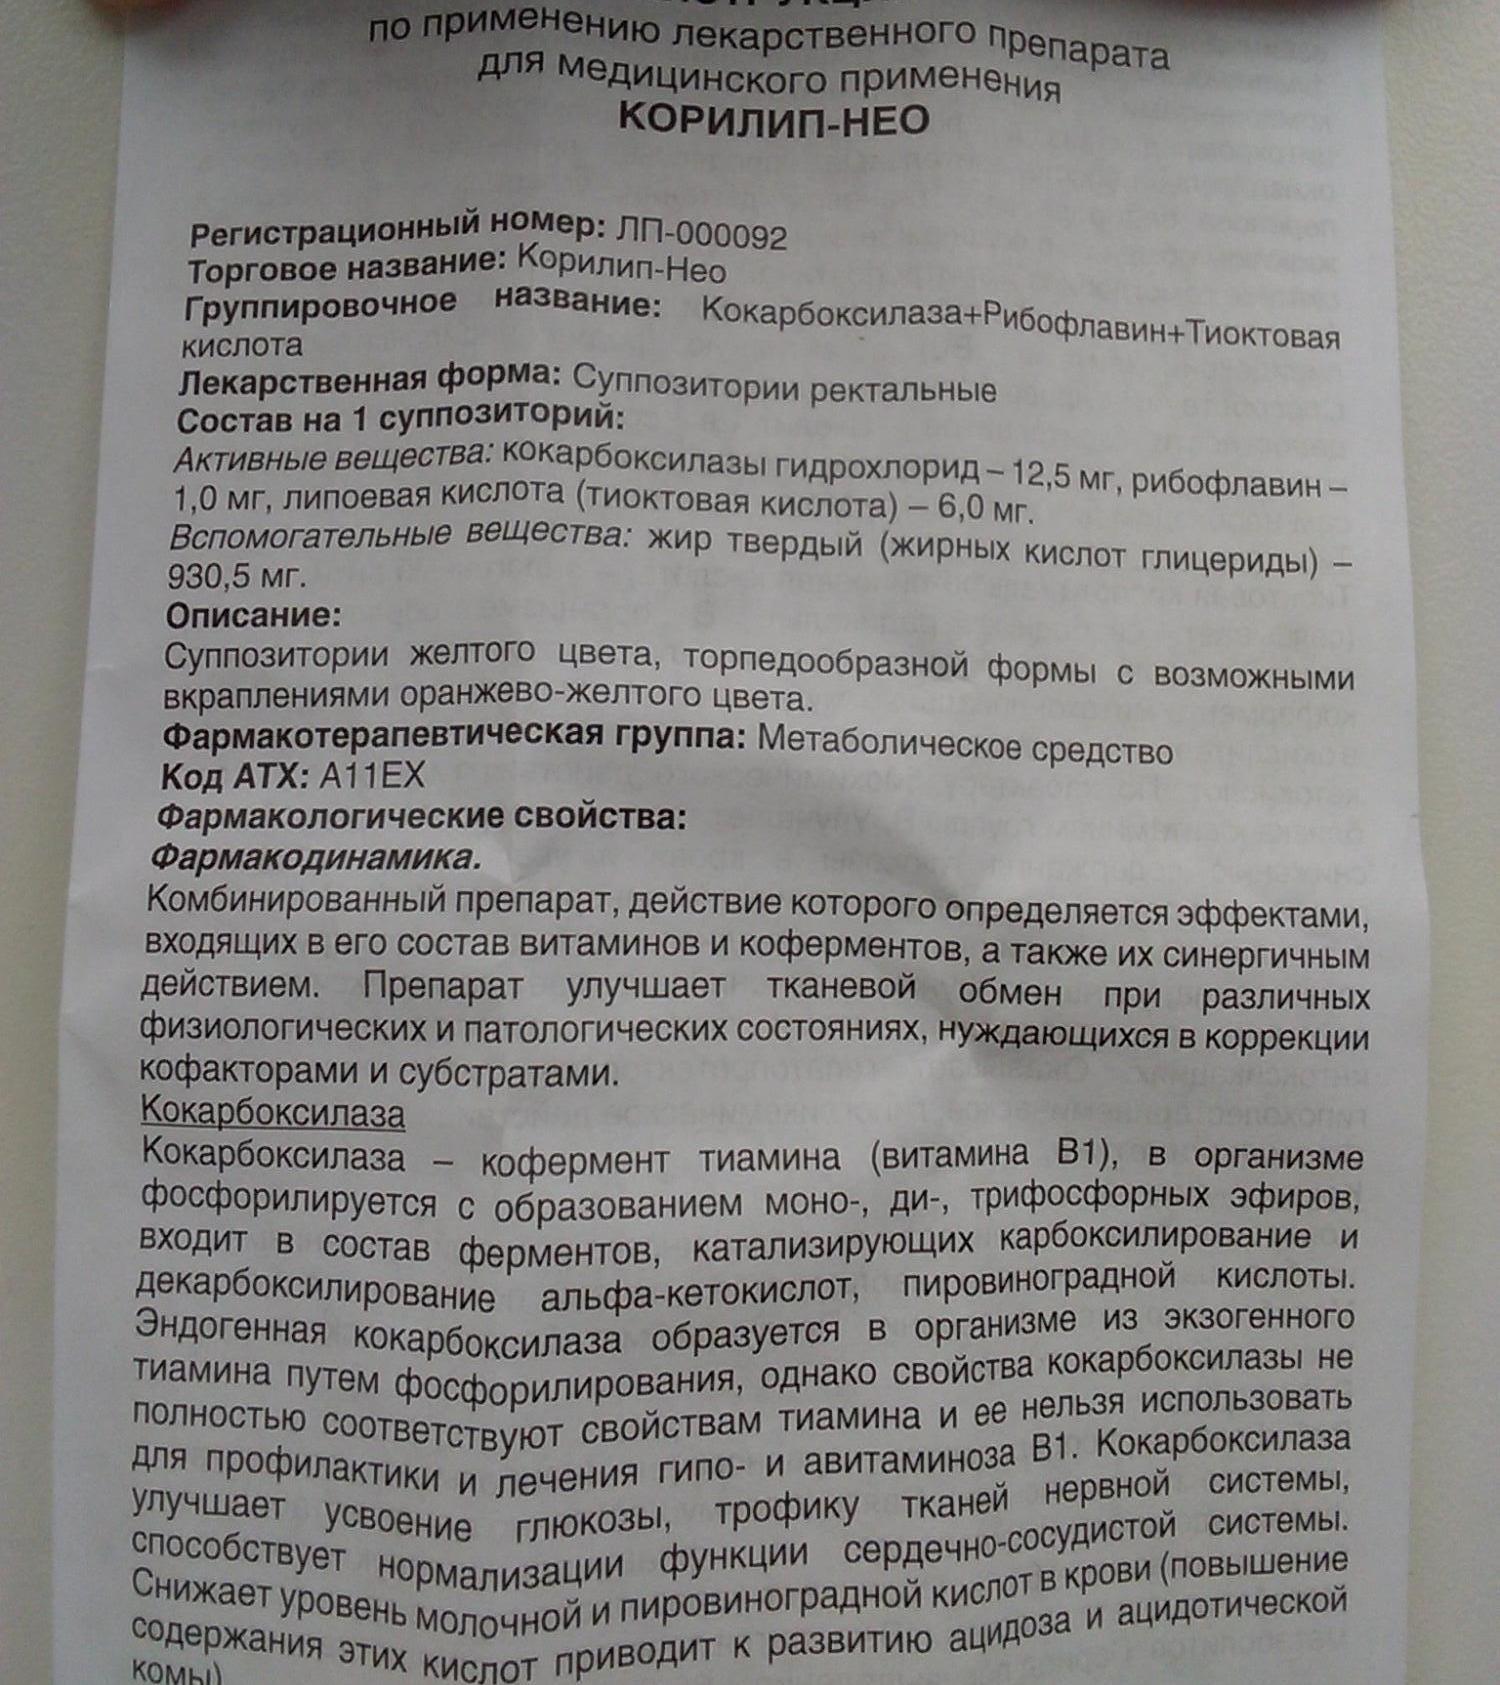 """Свечи """"Корилип"""" для лечения новорожденных и детей старшего возраста: инструкция по применению препарата"""